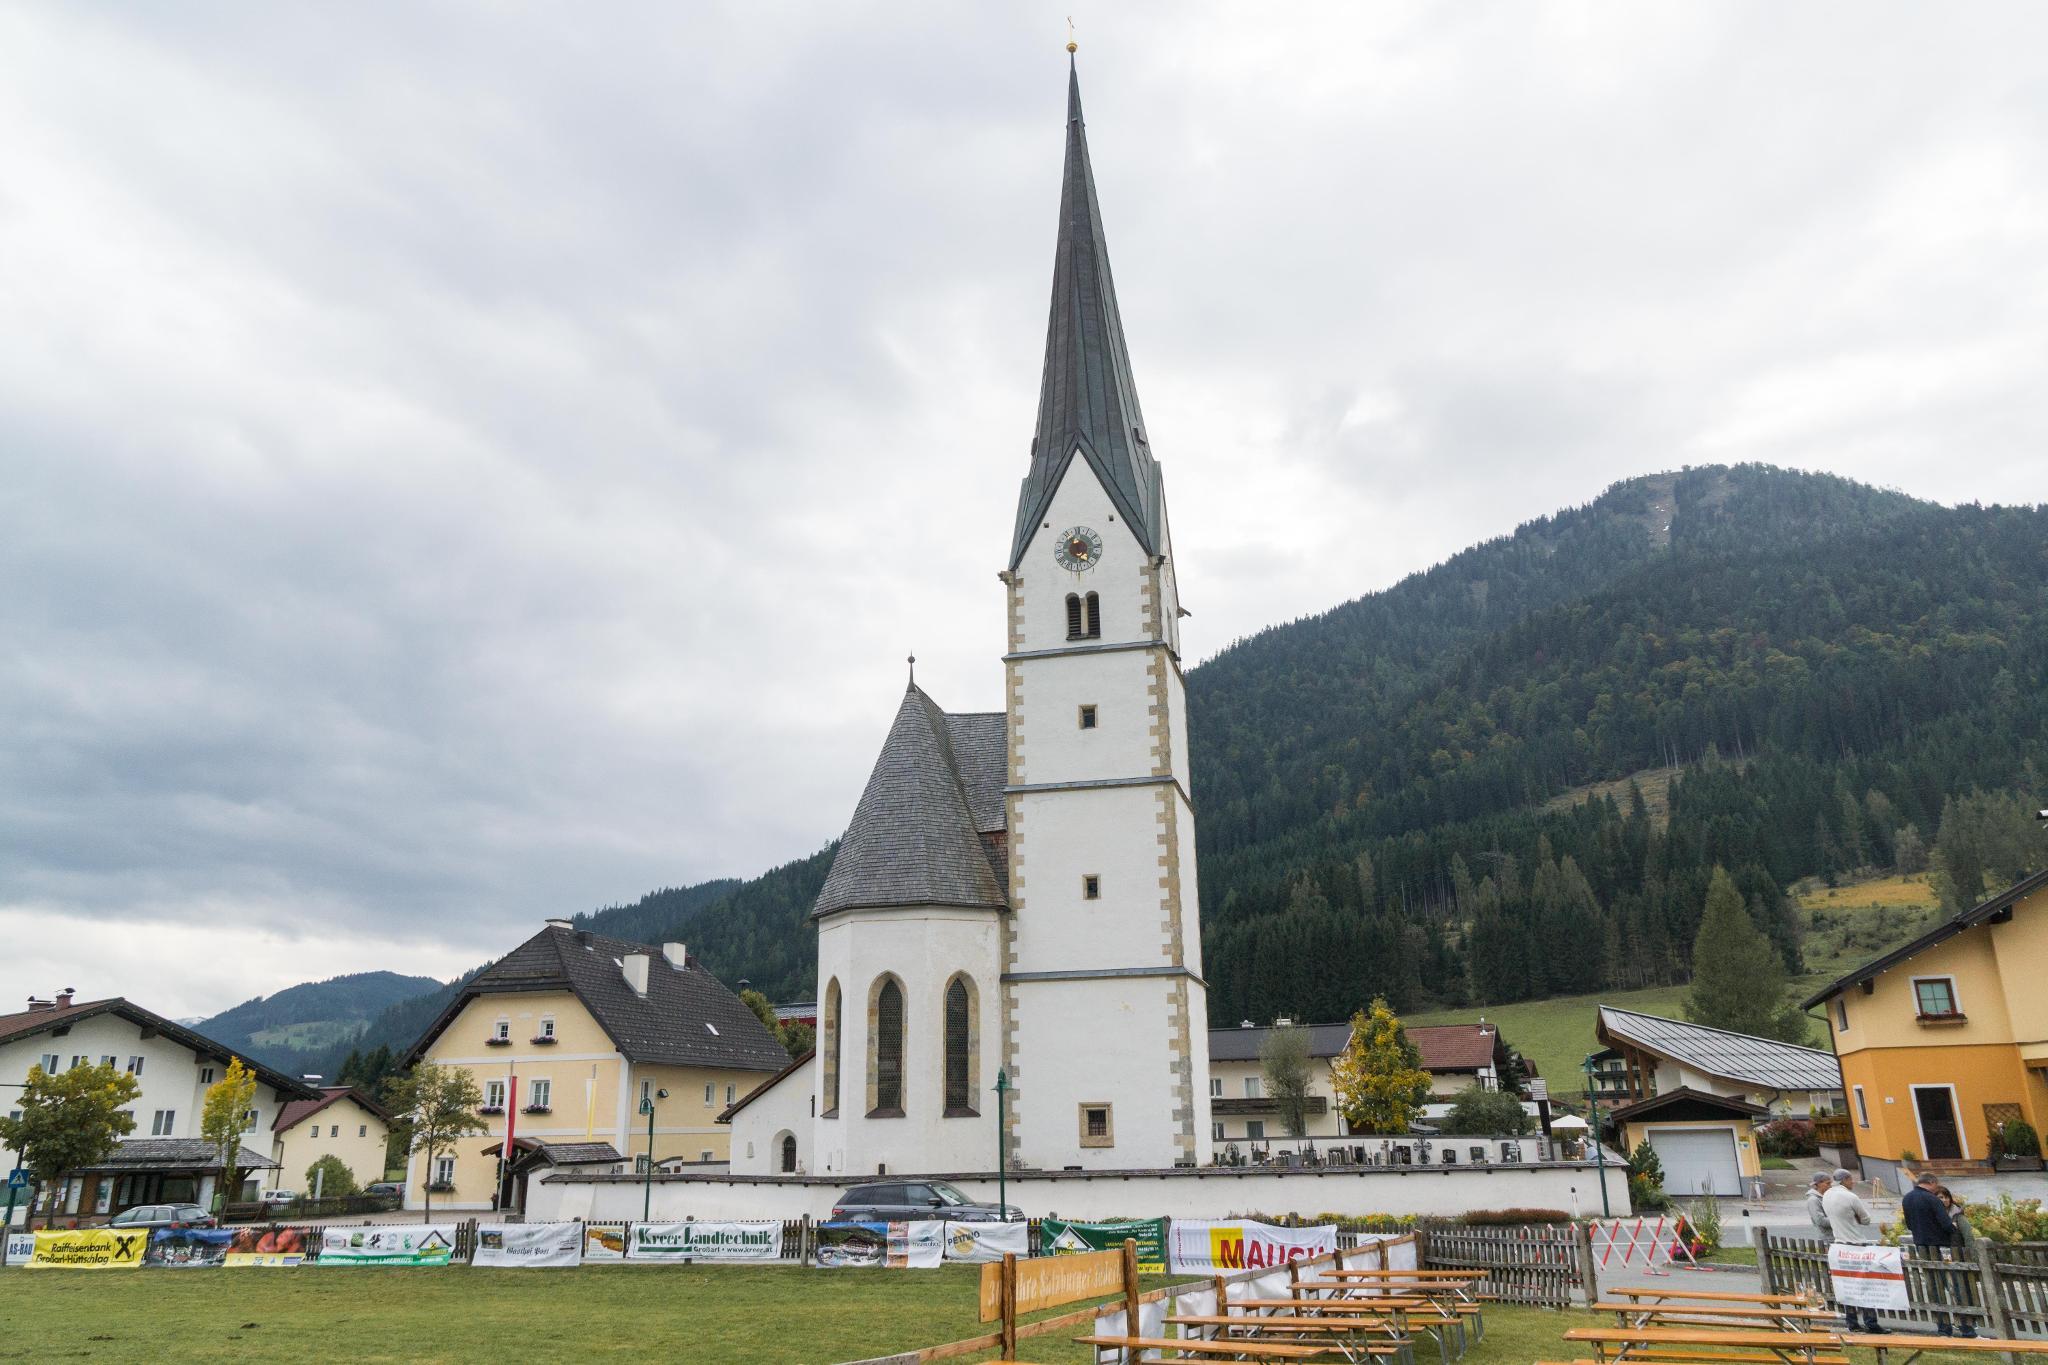 【奧地利】阿爾卑斯迷迷路!遇見美麗的奧地利風情小鎮:滕嫩山麓聖馬丁 8